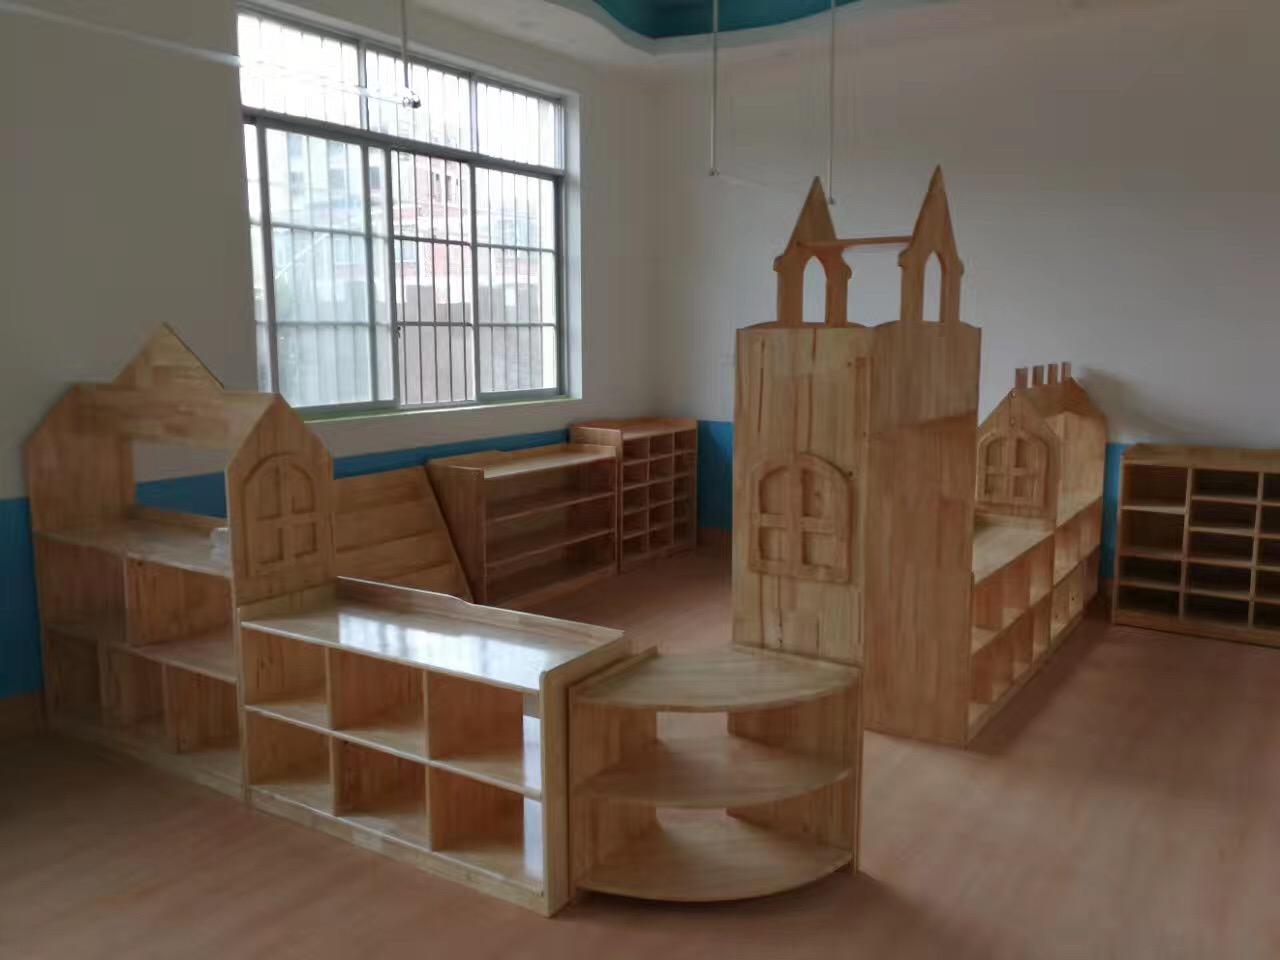 木制组合玩具.jpg